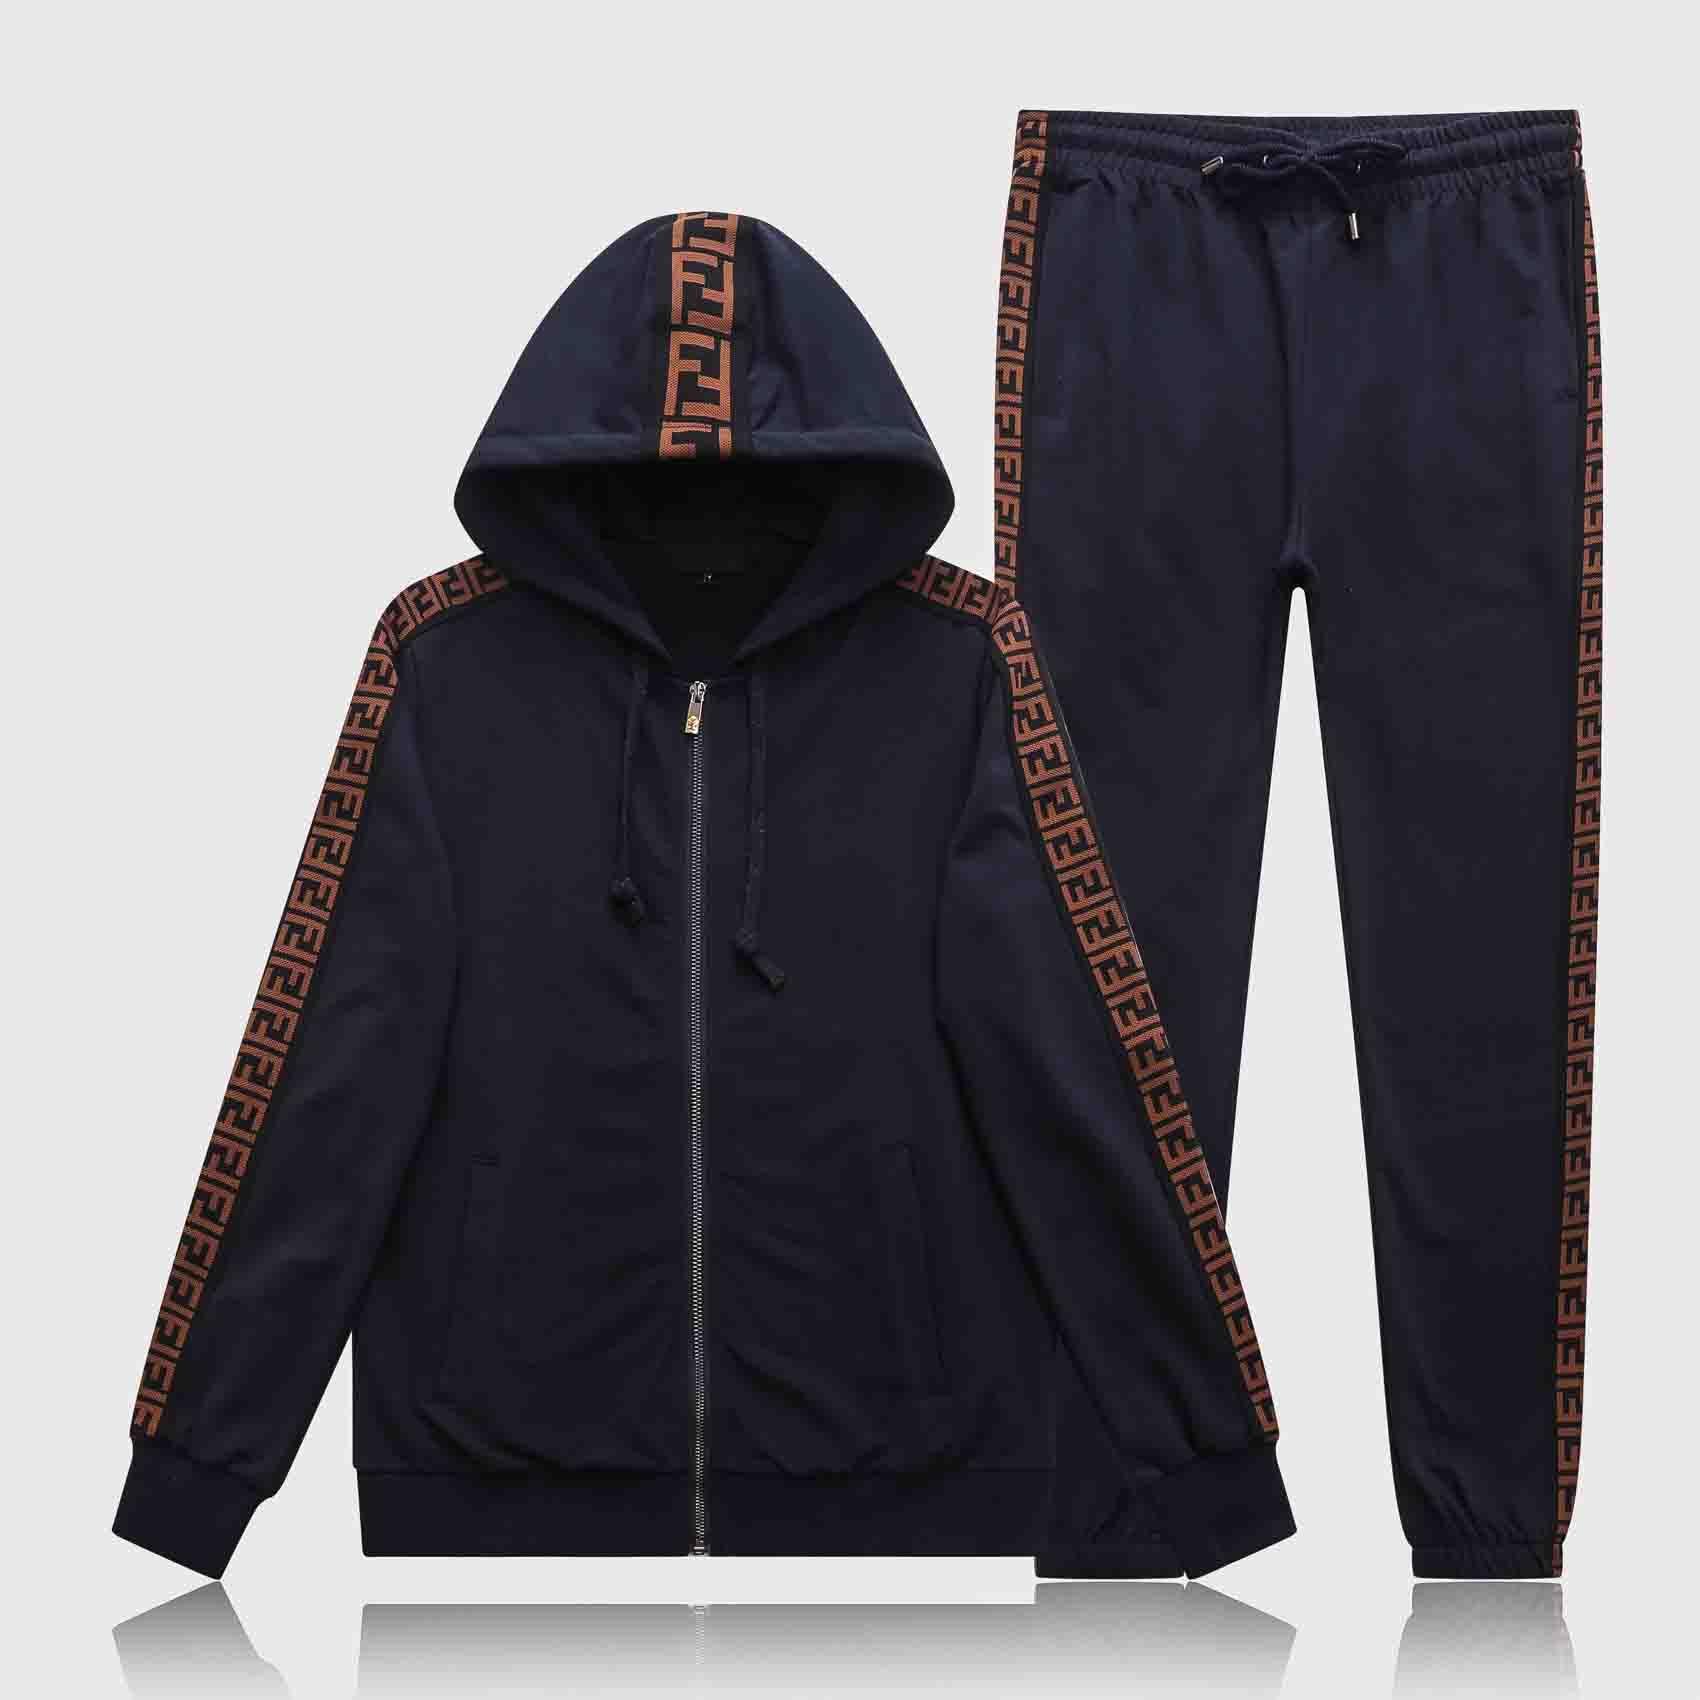 Commercio all'ingrosso moda autunno abbigliamento sportivo e abbigliamento sportivo invernale tuta con cappuccio completo da uomo cerniera di abbigliamento sportivo con cappuccio di alta qualità M-3XL